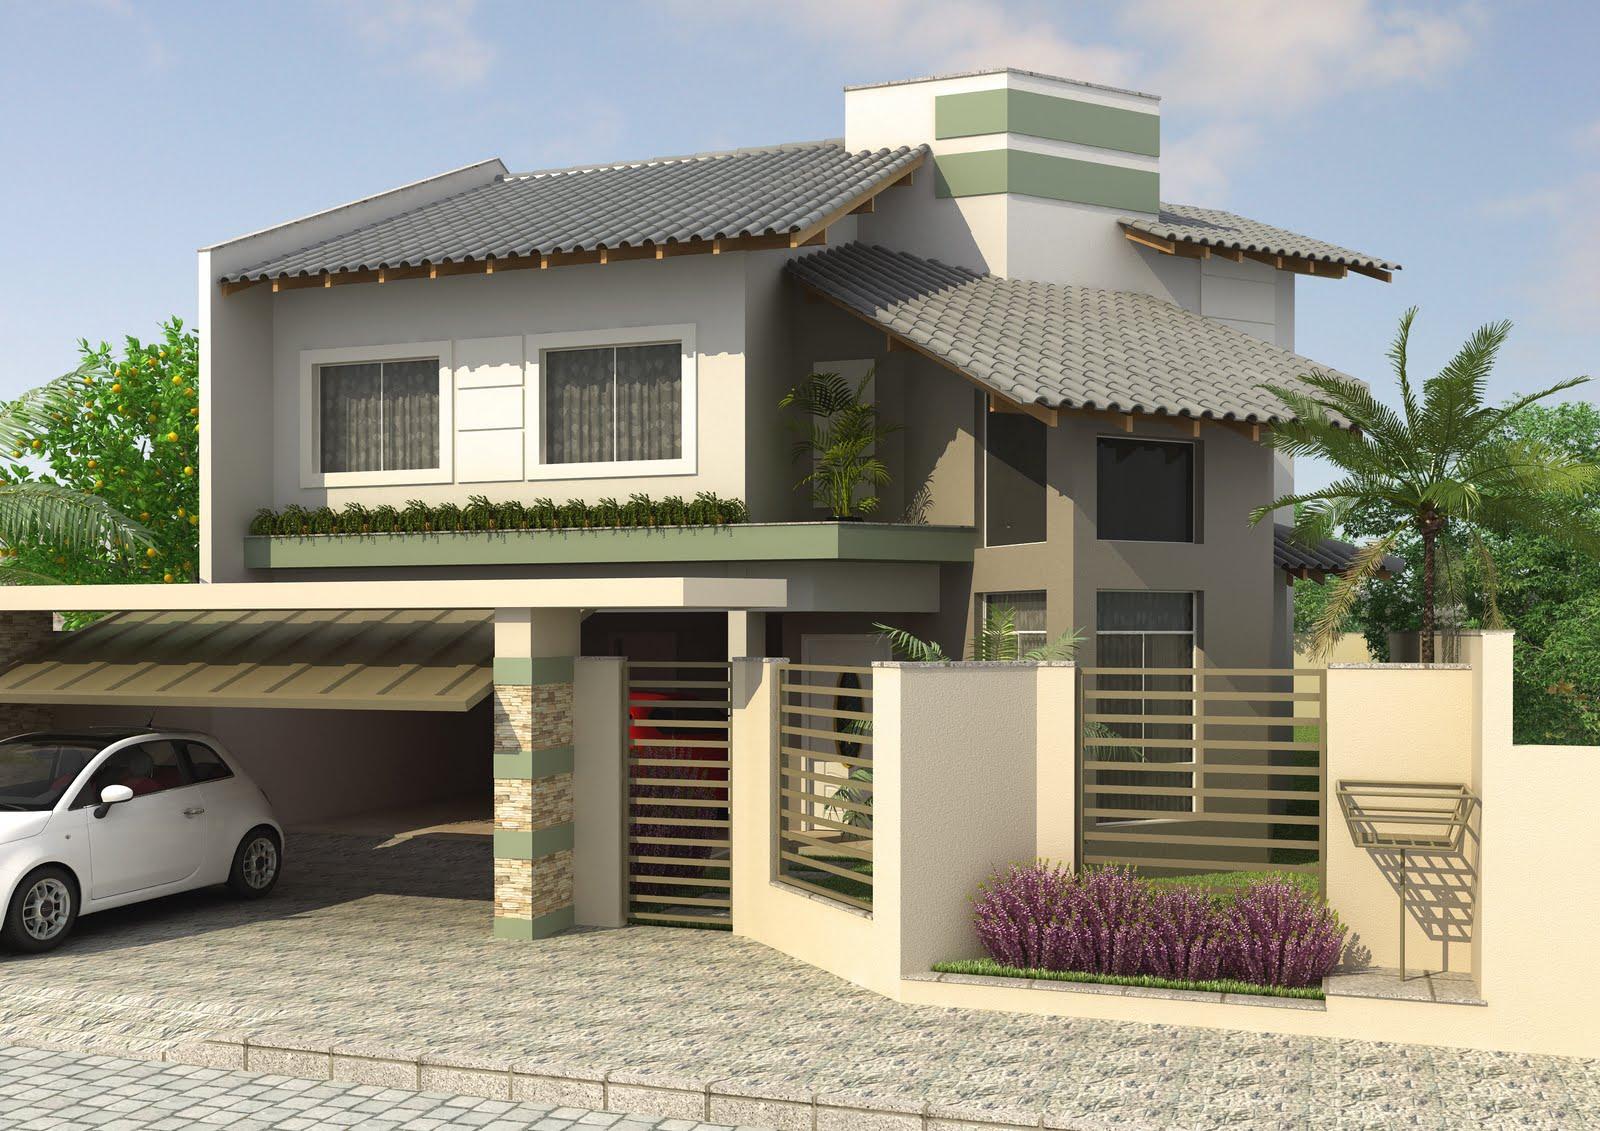 Pin fachadas casas modernas puerto rico atomicoche for Fachadas de casas modernas puerto rico